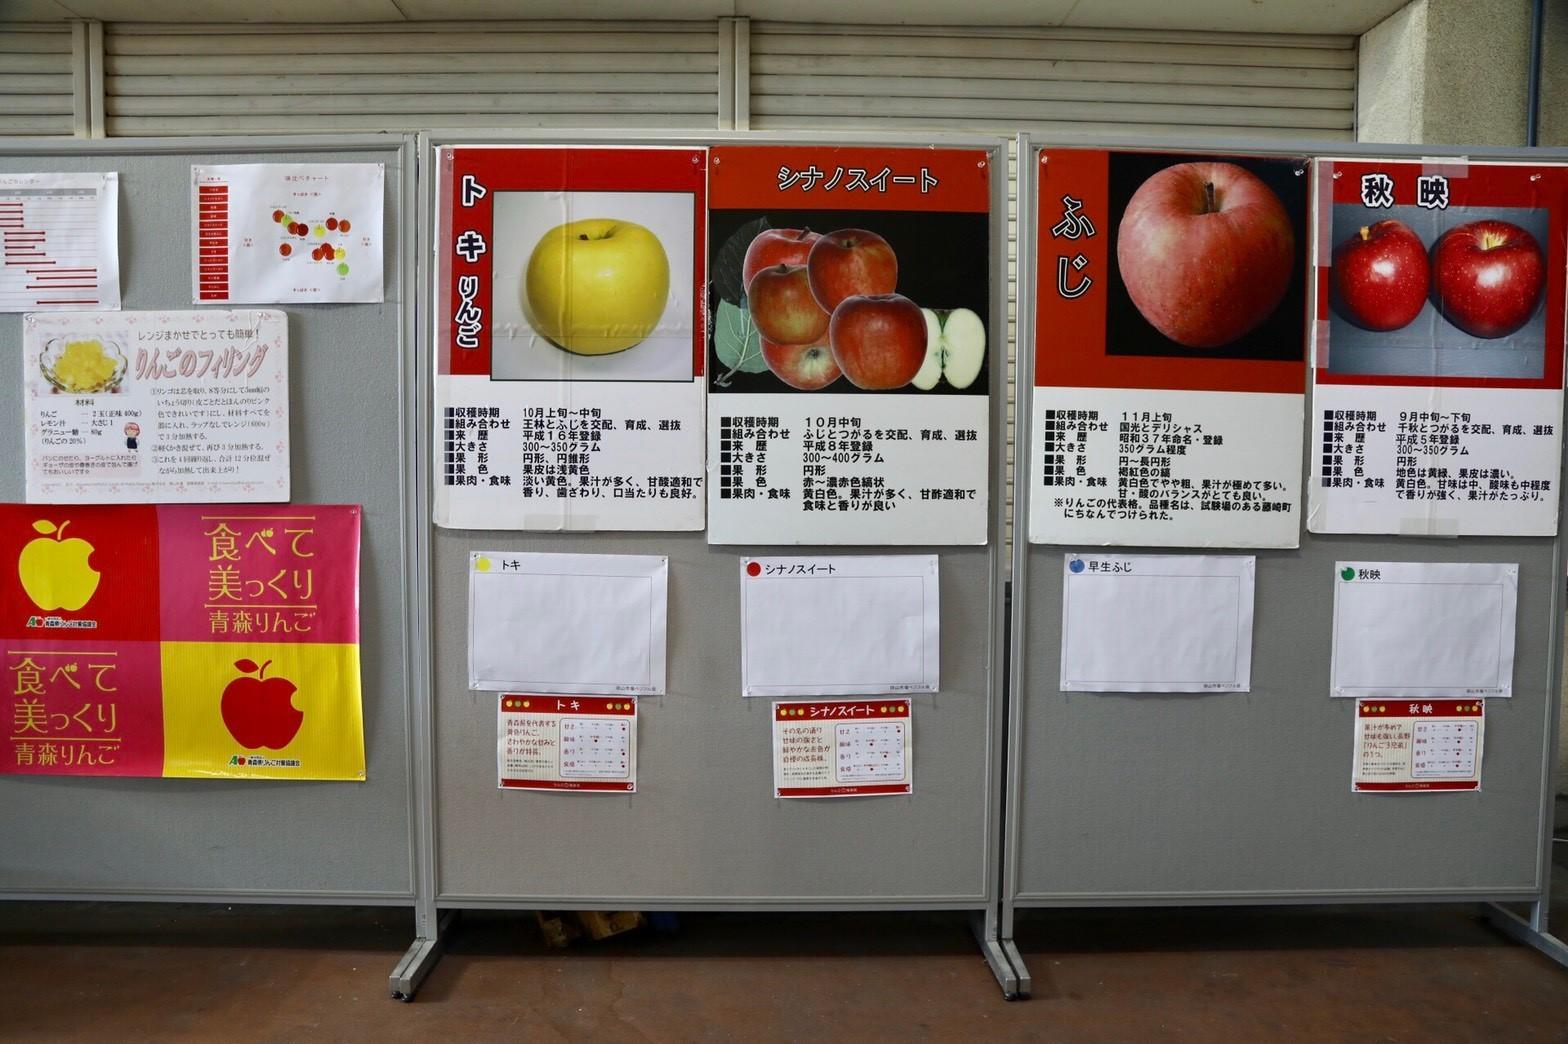 おいしいりんごを食べてみられ~!_b0171839_11233600.jpg